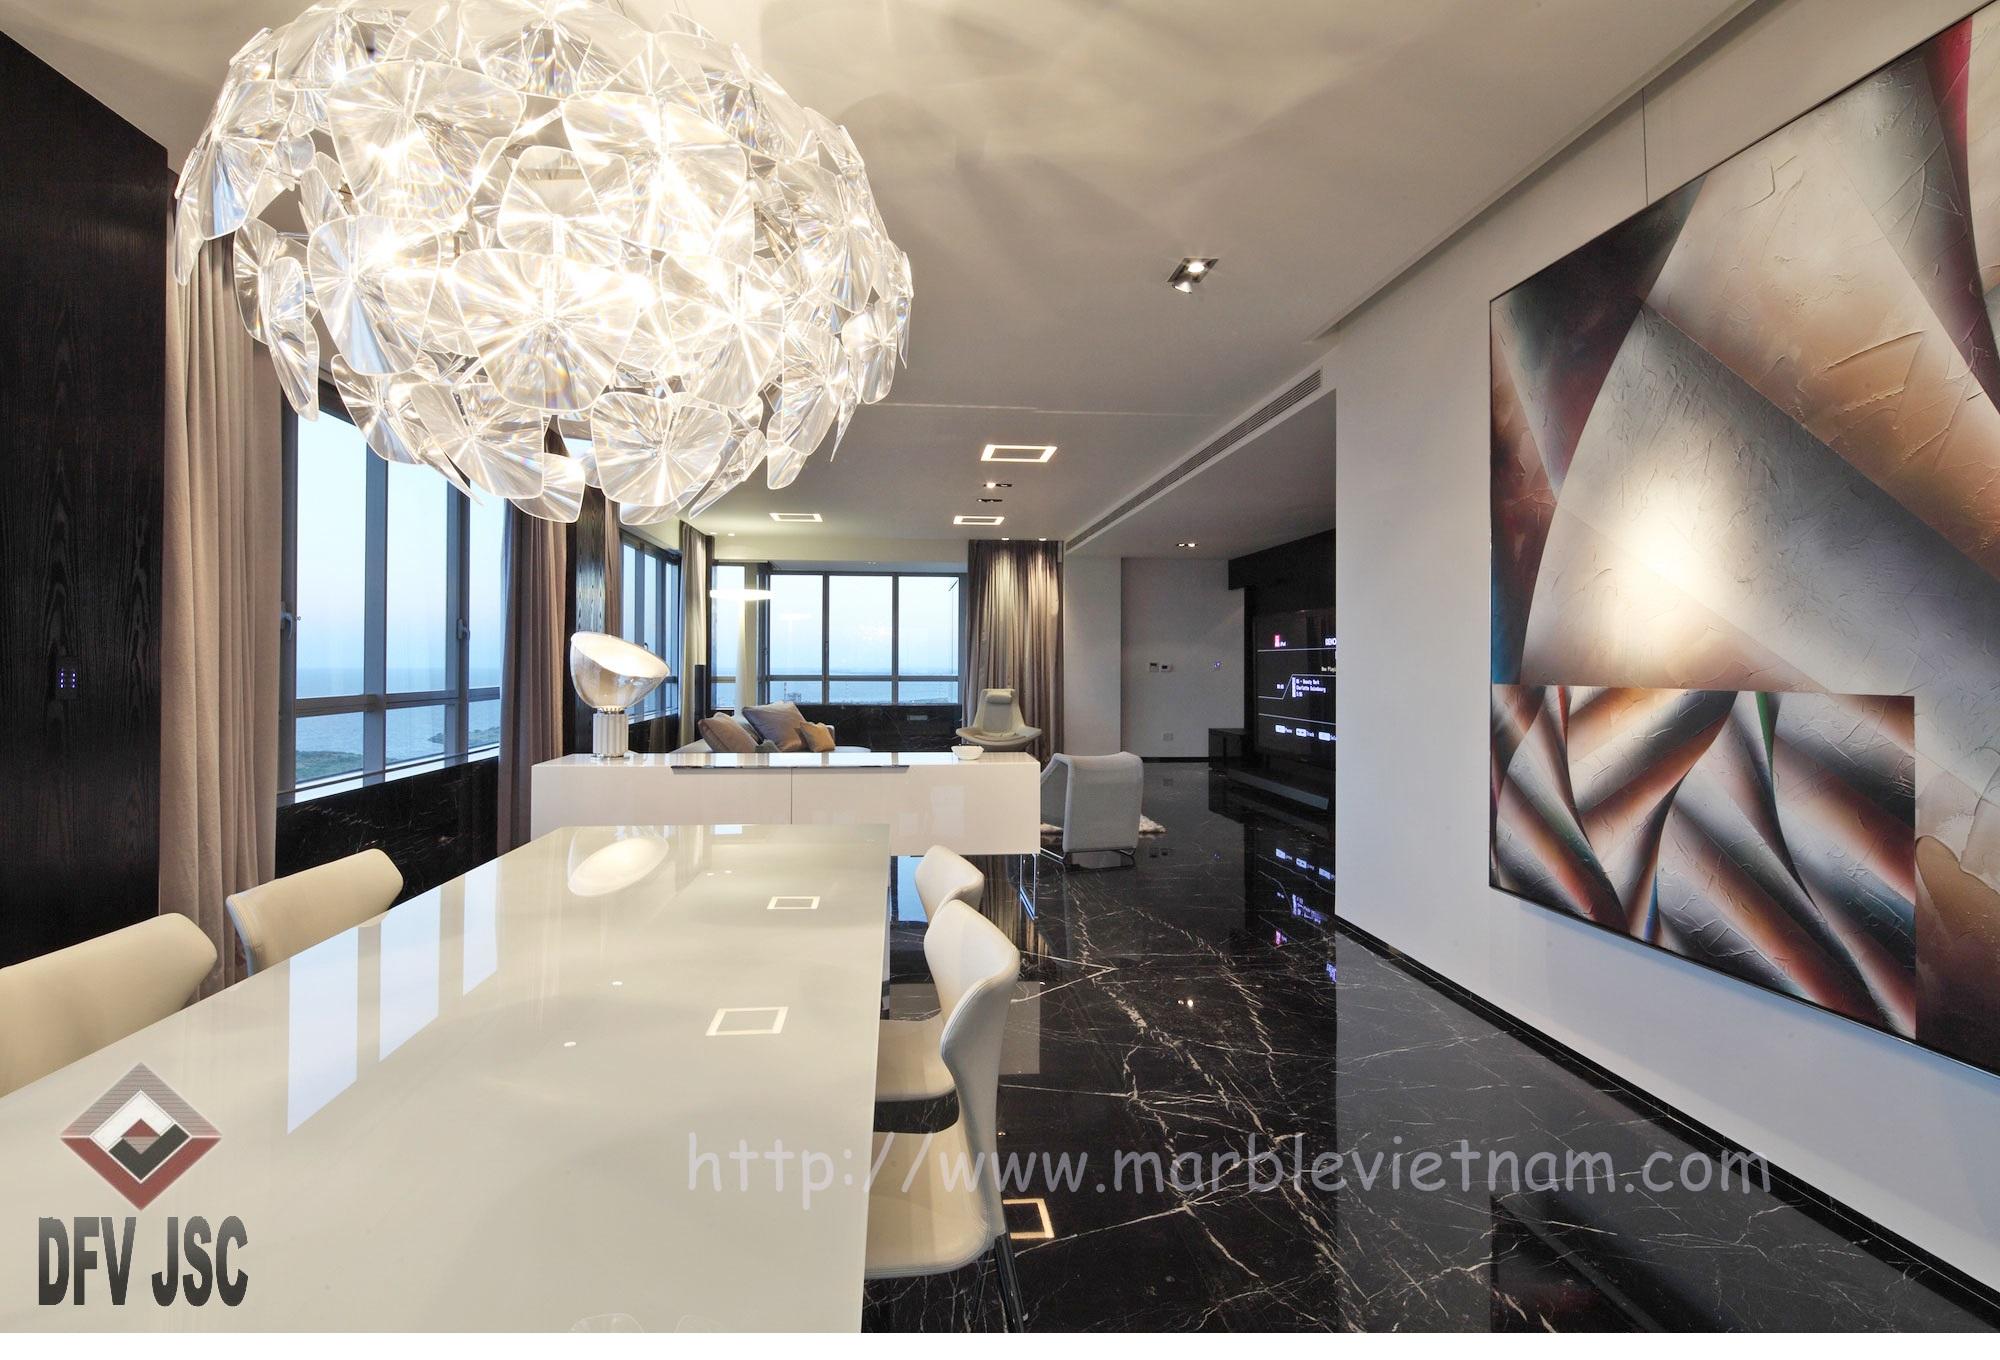 khám phá khách sạn 7 sao hàng đầu thế giới tại Dubai